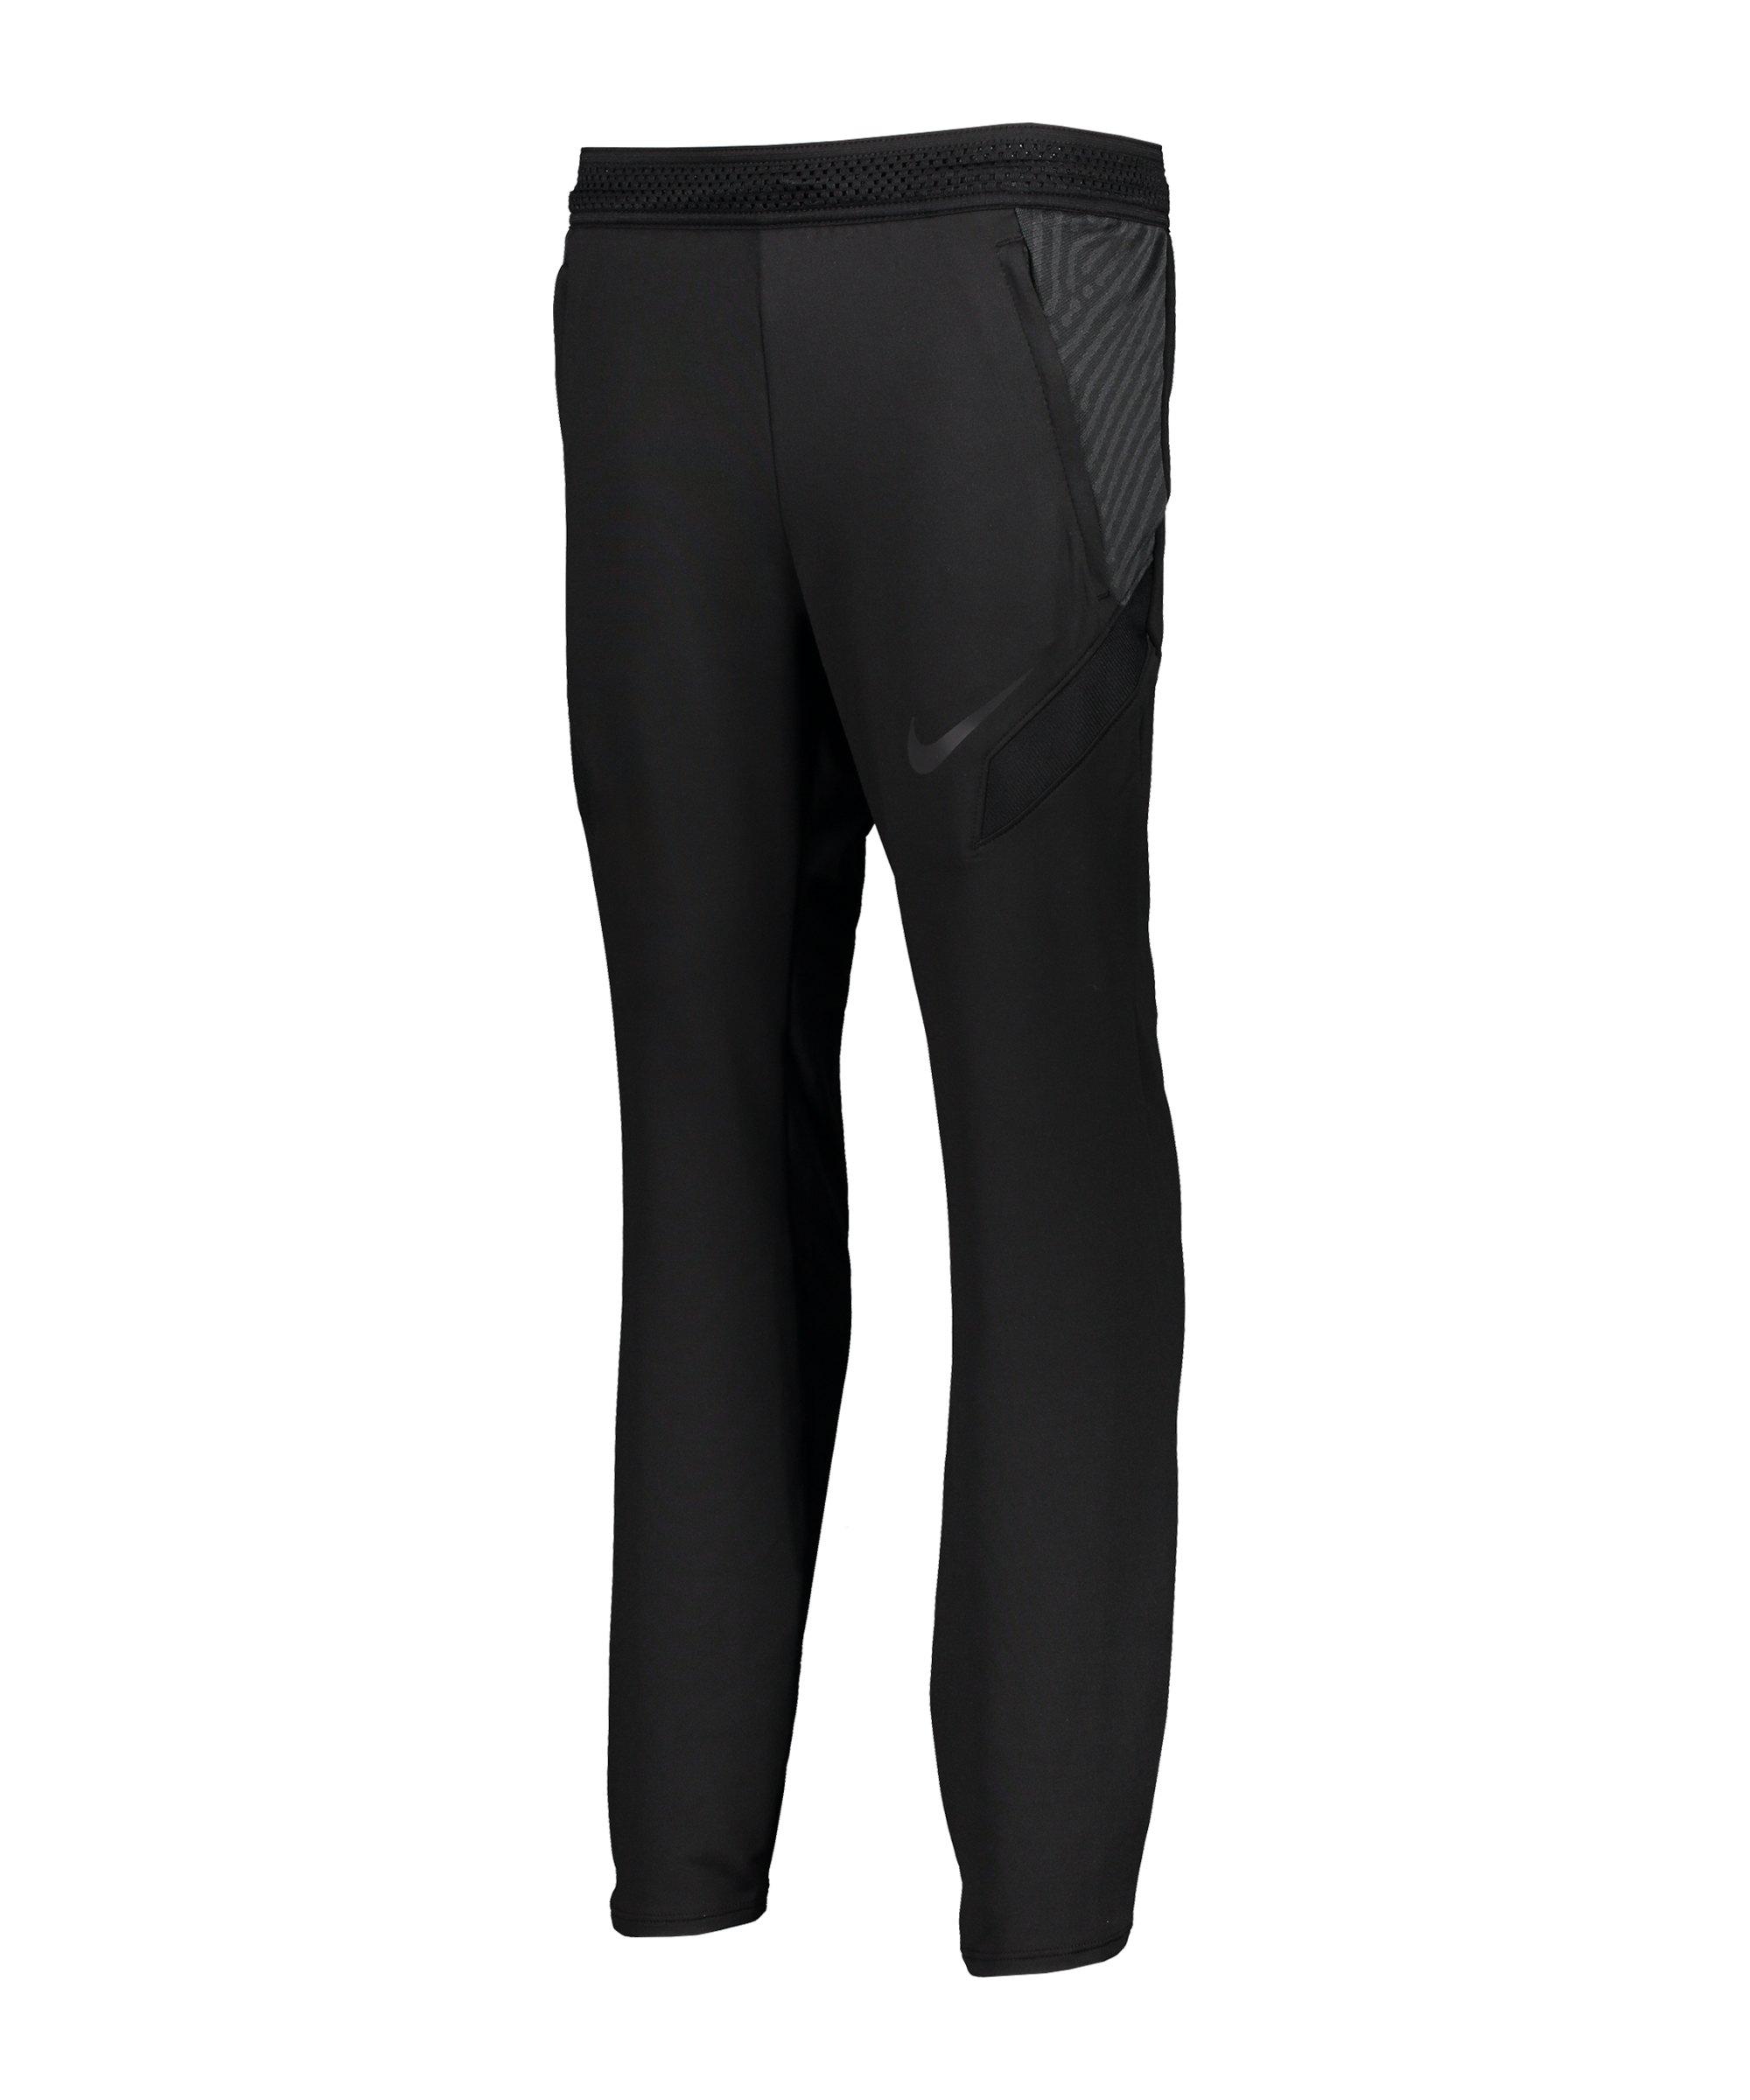 Nike Dri-FIT Strike Hose Kids Schwarz F010 - schwarz